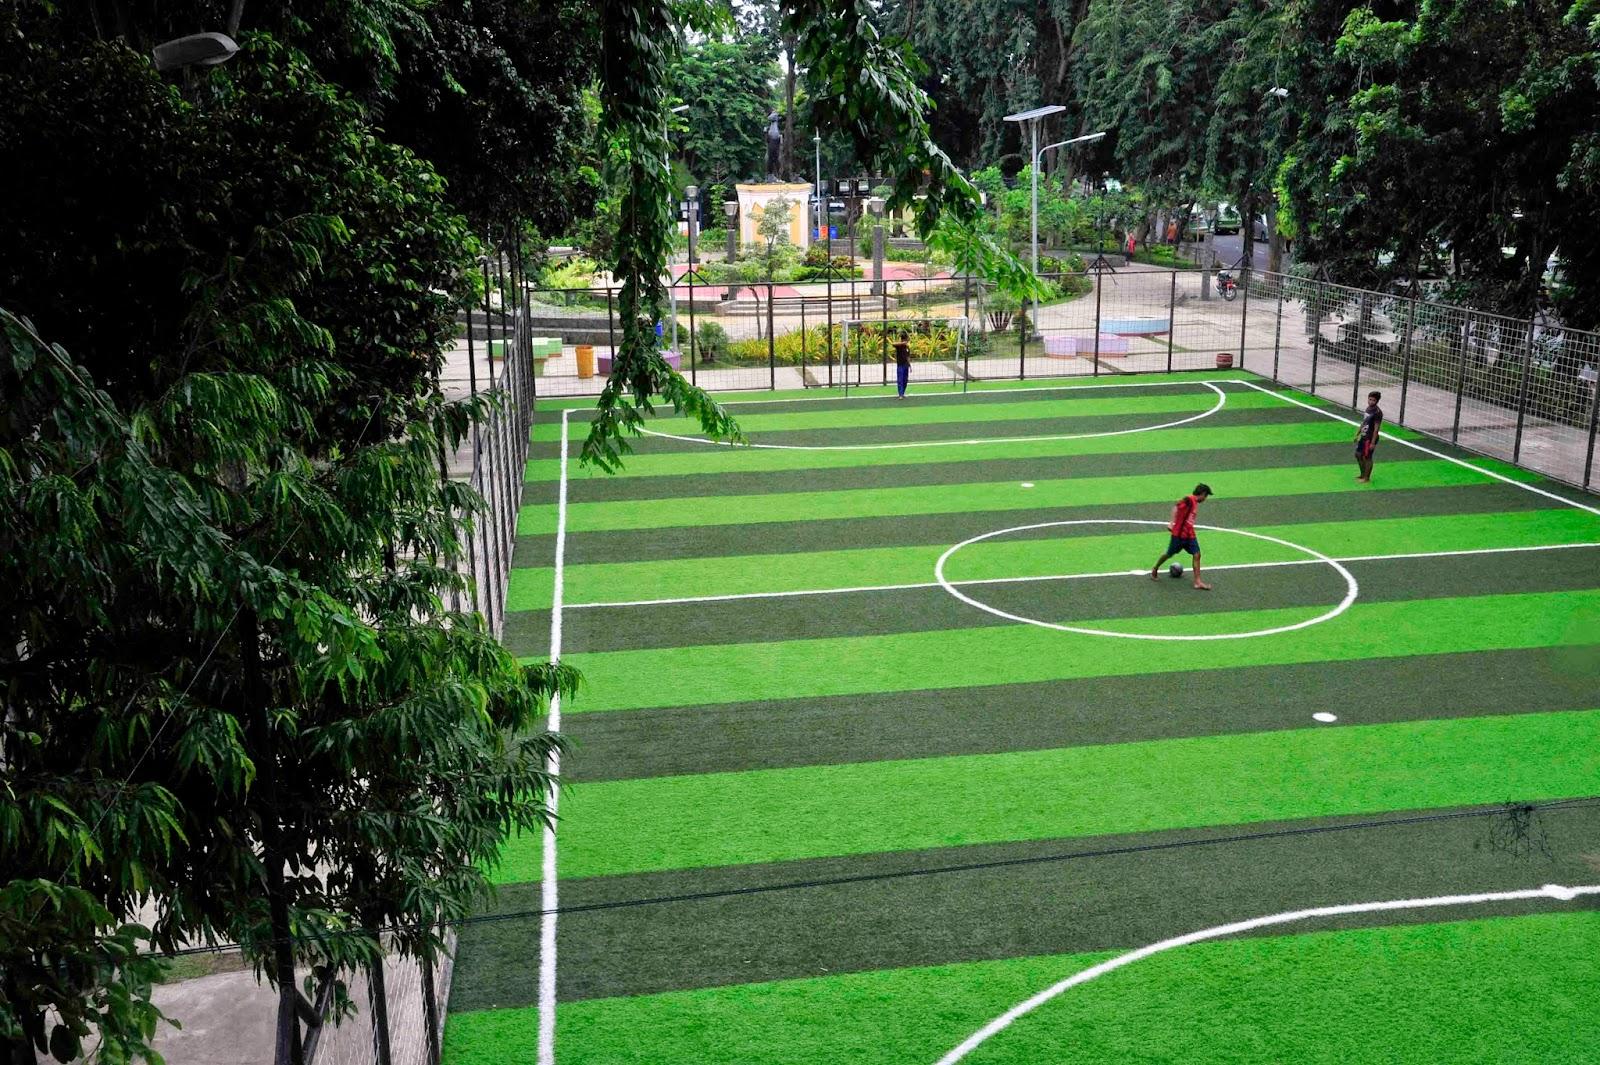 Pemkot Fasilitasi Lapangan Futsal Gratis Surabaya News Week Menyadari Hal